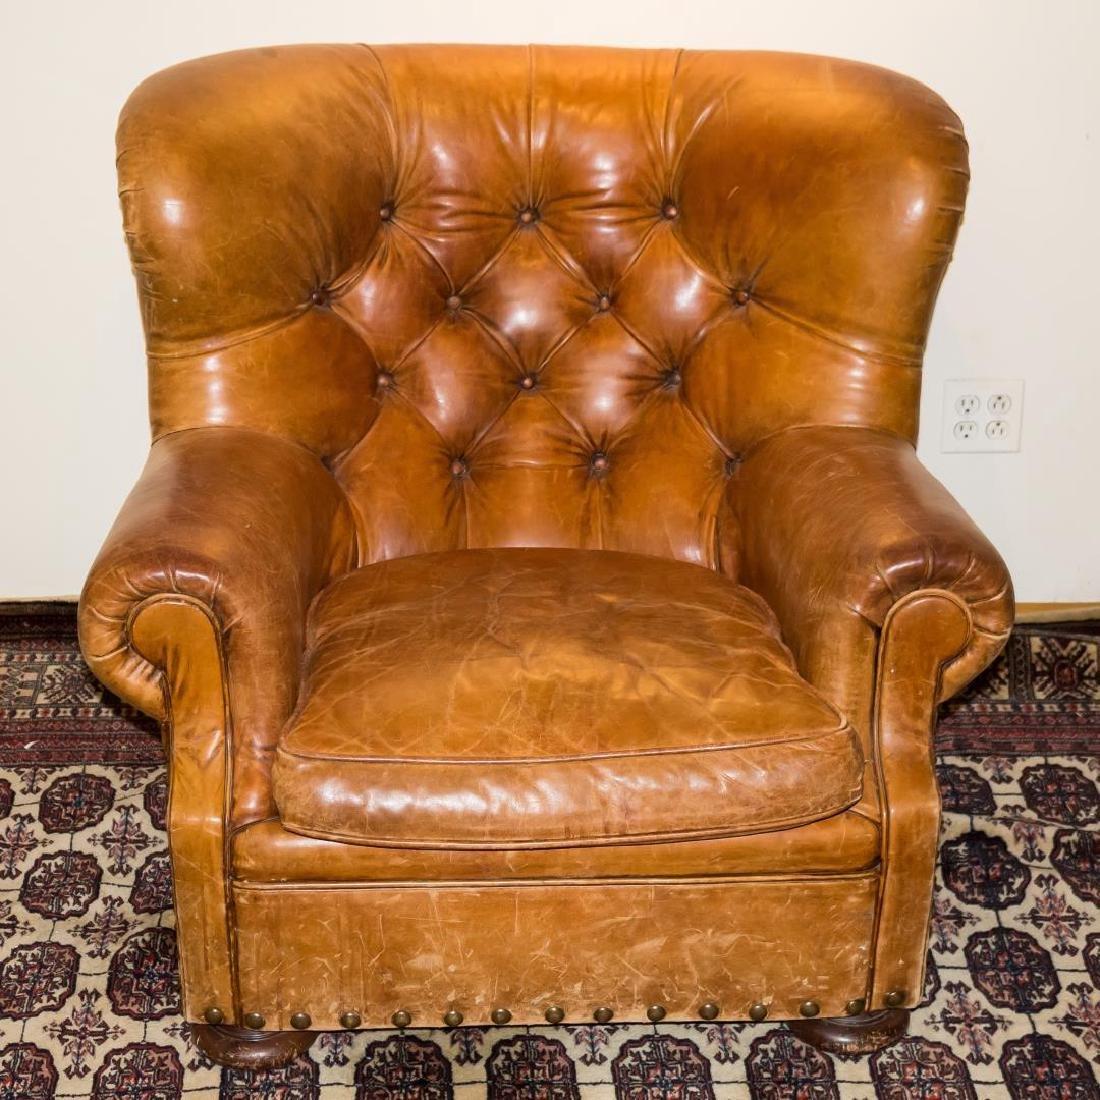 Ralph Lauren Overstuffed Leather Club Chair - 2